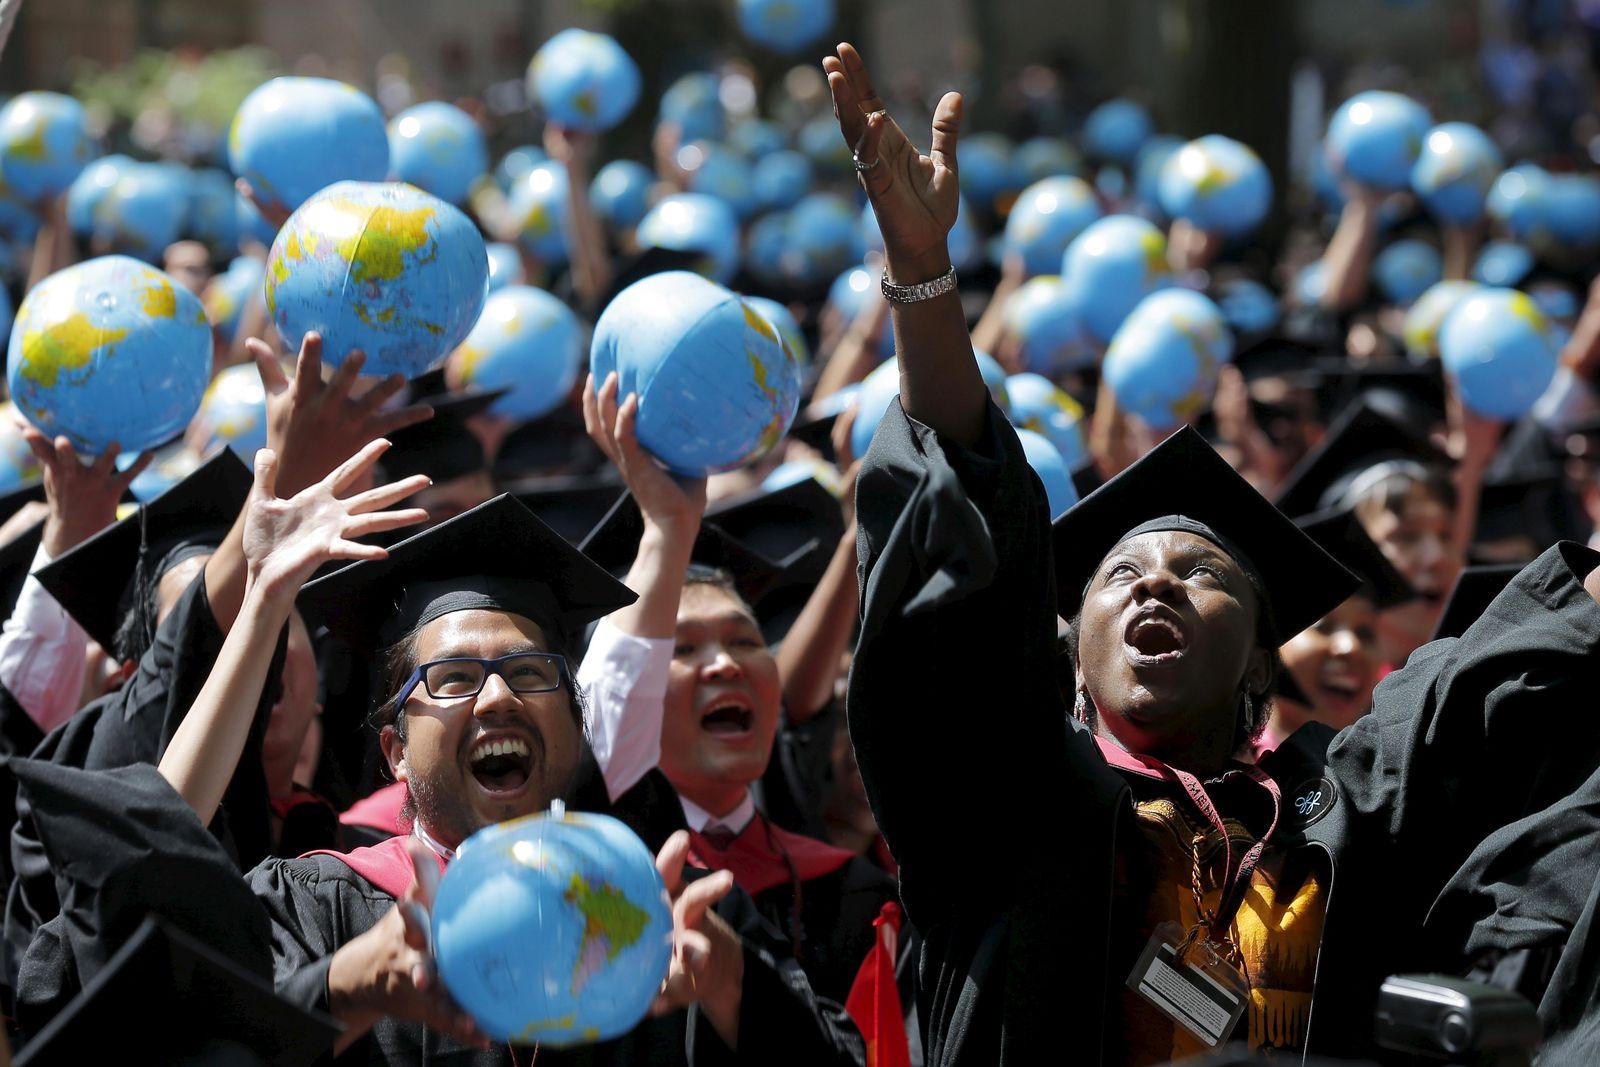 Foto: Olufunke Michaels y sus compañeros de clase celebran su graduación en la Universidad de Harvard, en Cambridge. (Reuters)